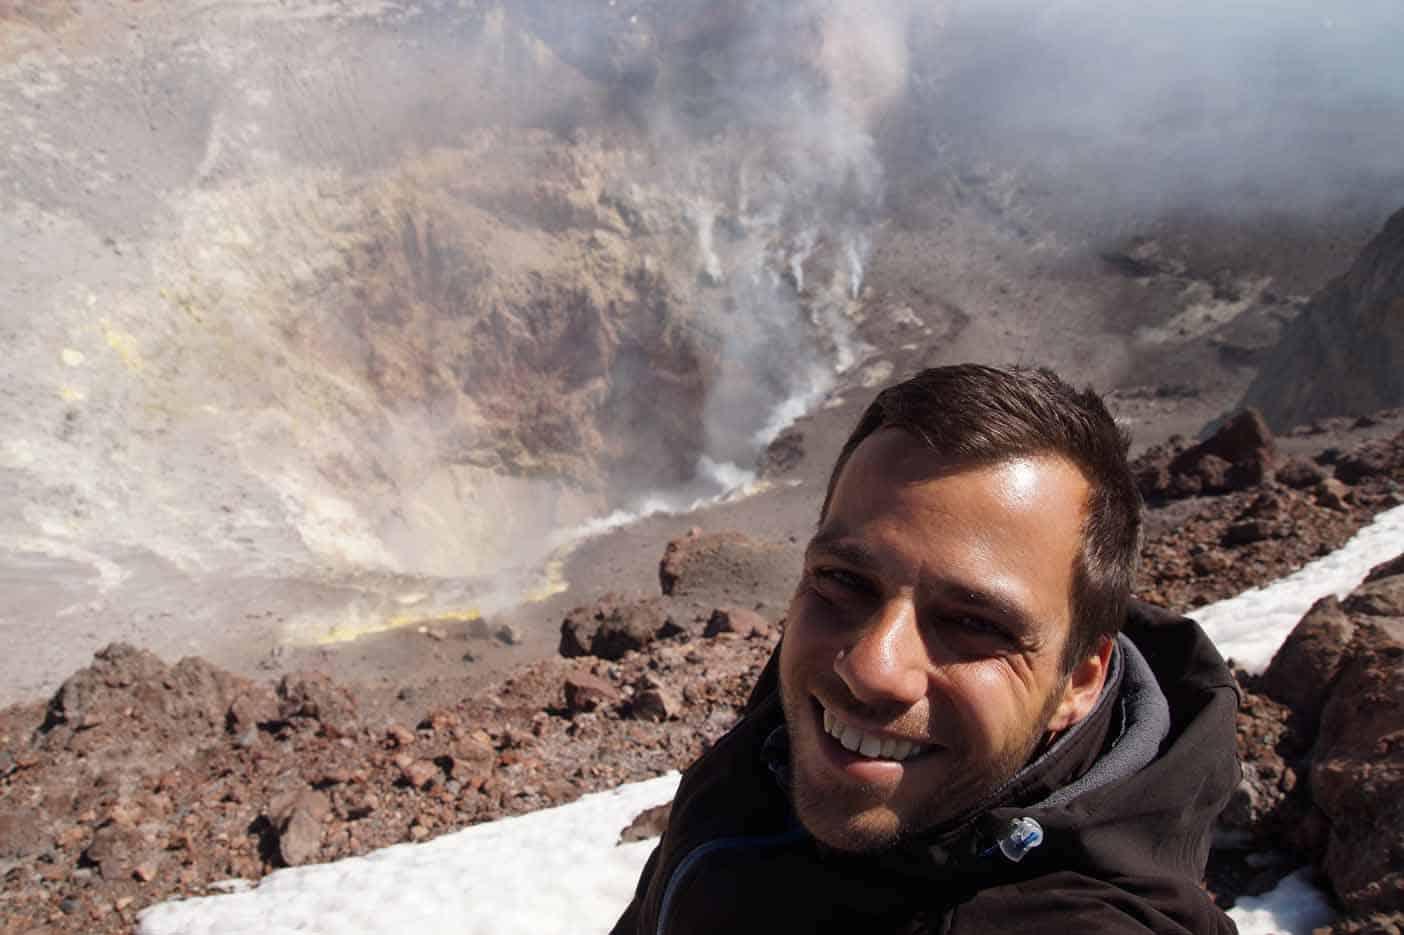 Lascar vulkaan beklimmen San pedro de atacama